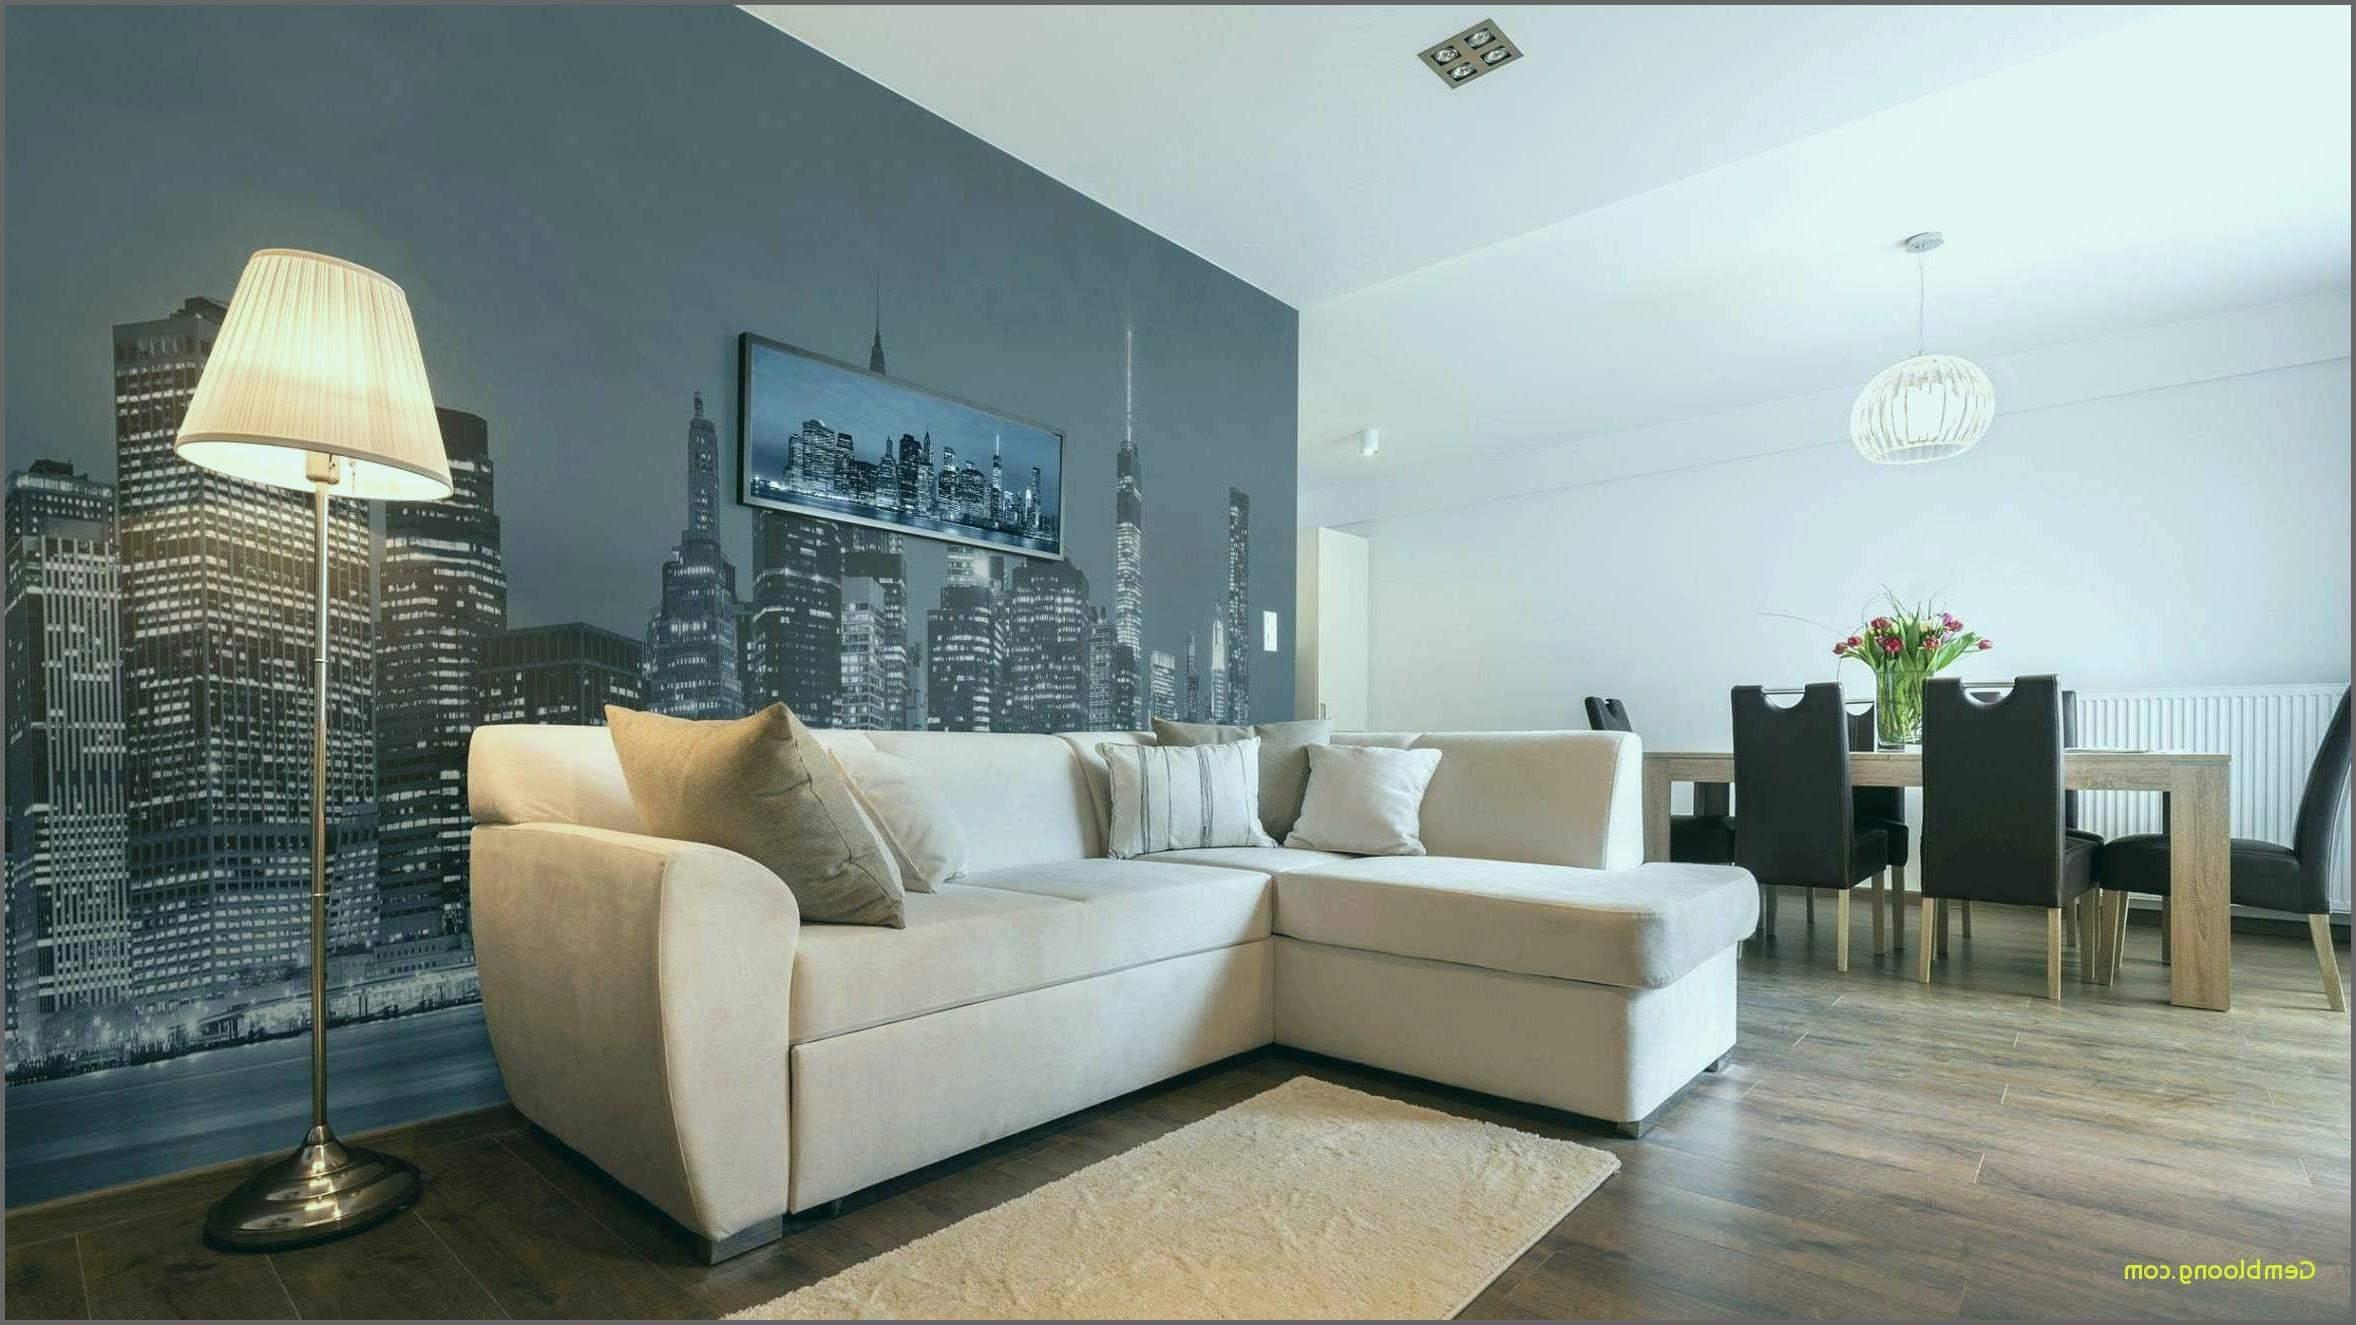 dekoration wohnzimmer ideen das beste von 32 fantastisch und makellos wohnzimmer wand dekorieren of dekoration wohnzimmer ideen